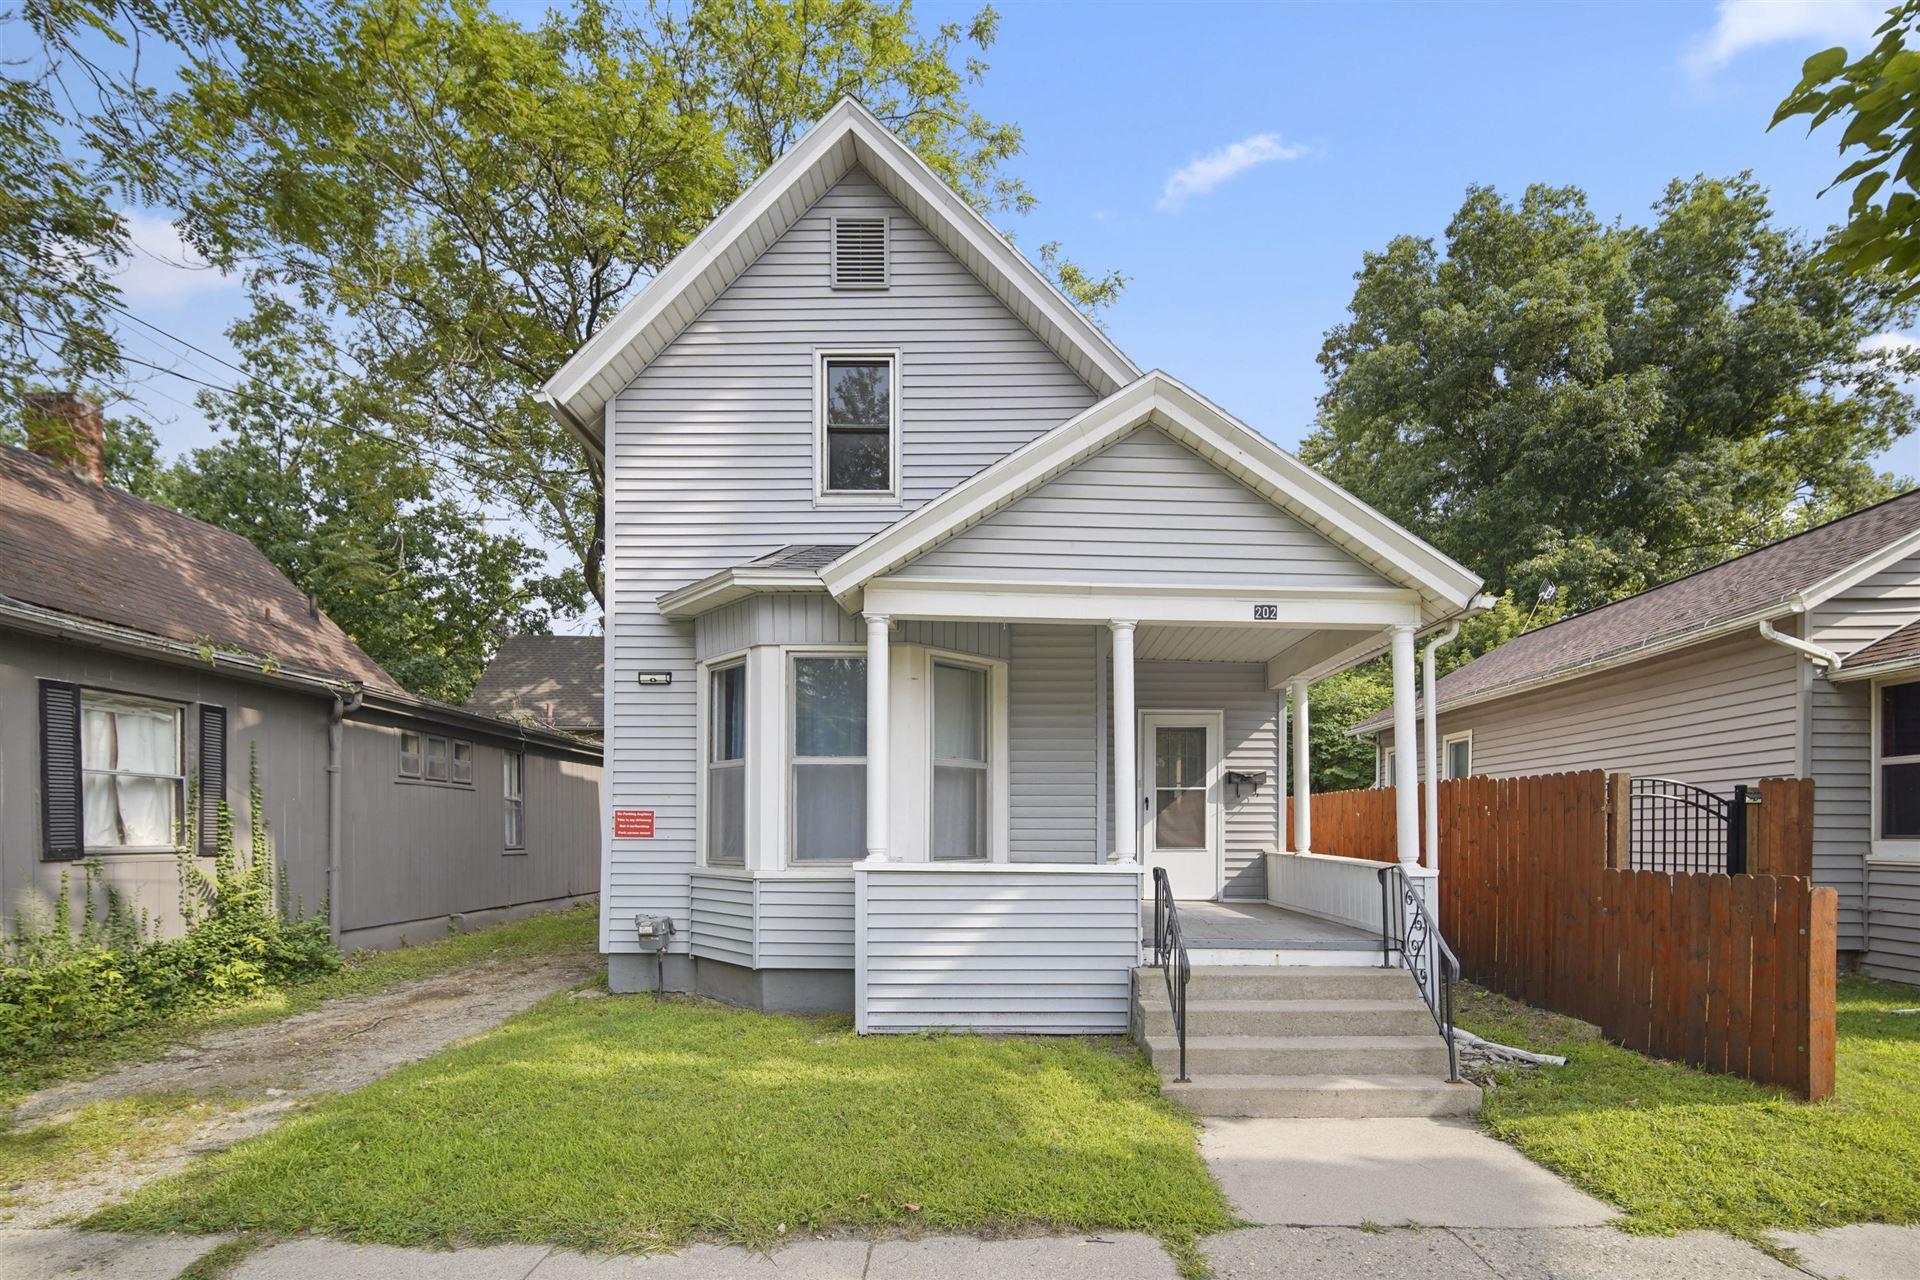 202 E Trail Street, Jackson, MI 49201 - MLS#: 21099299